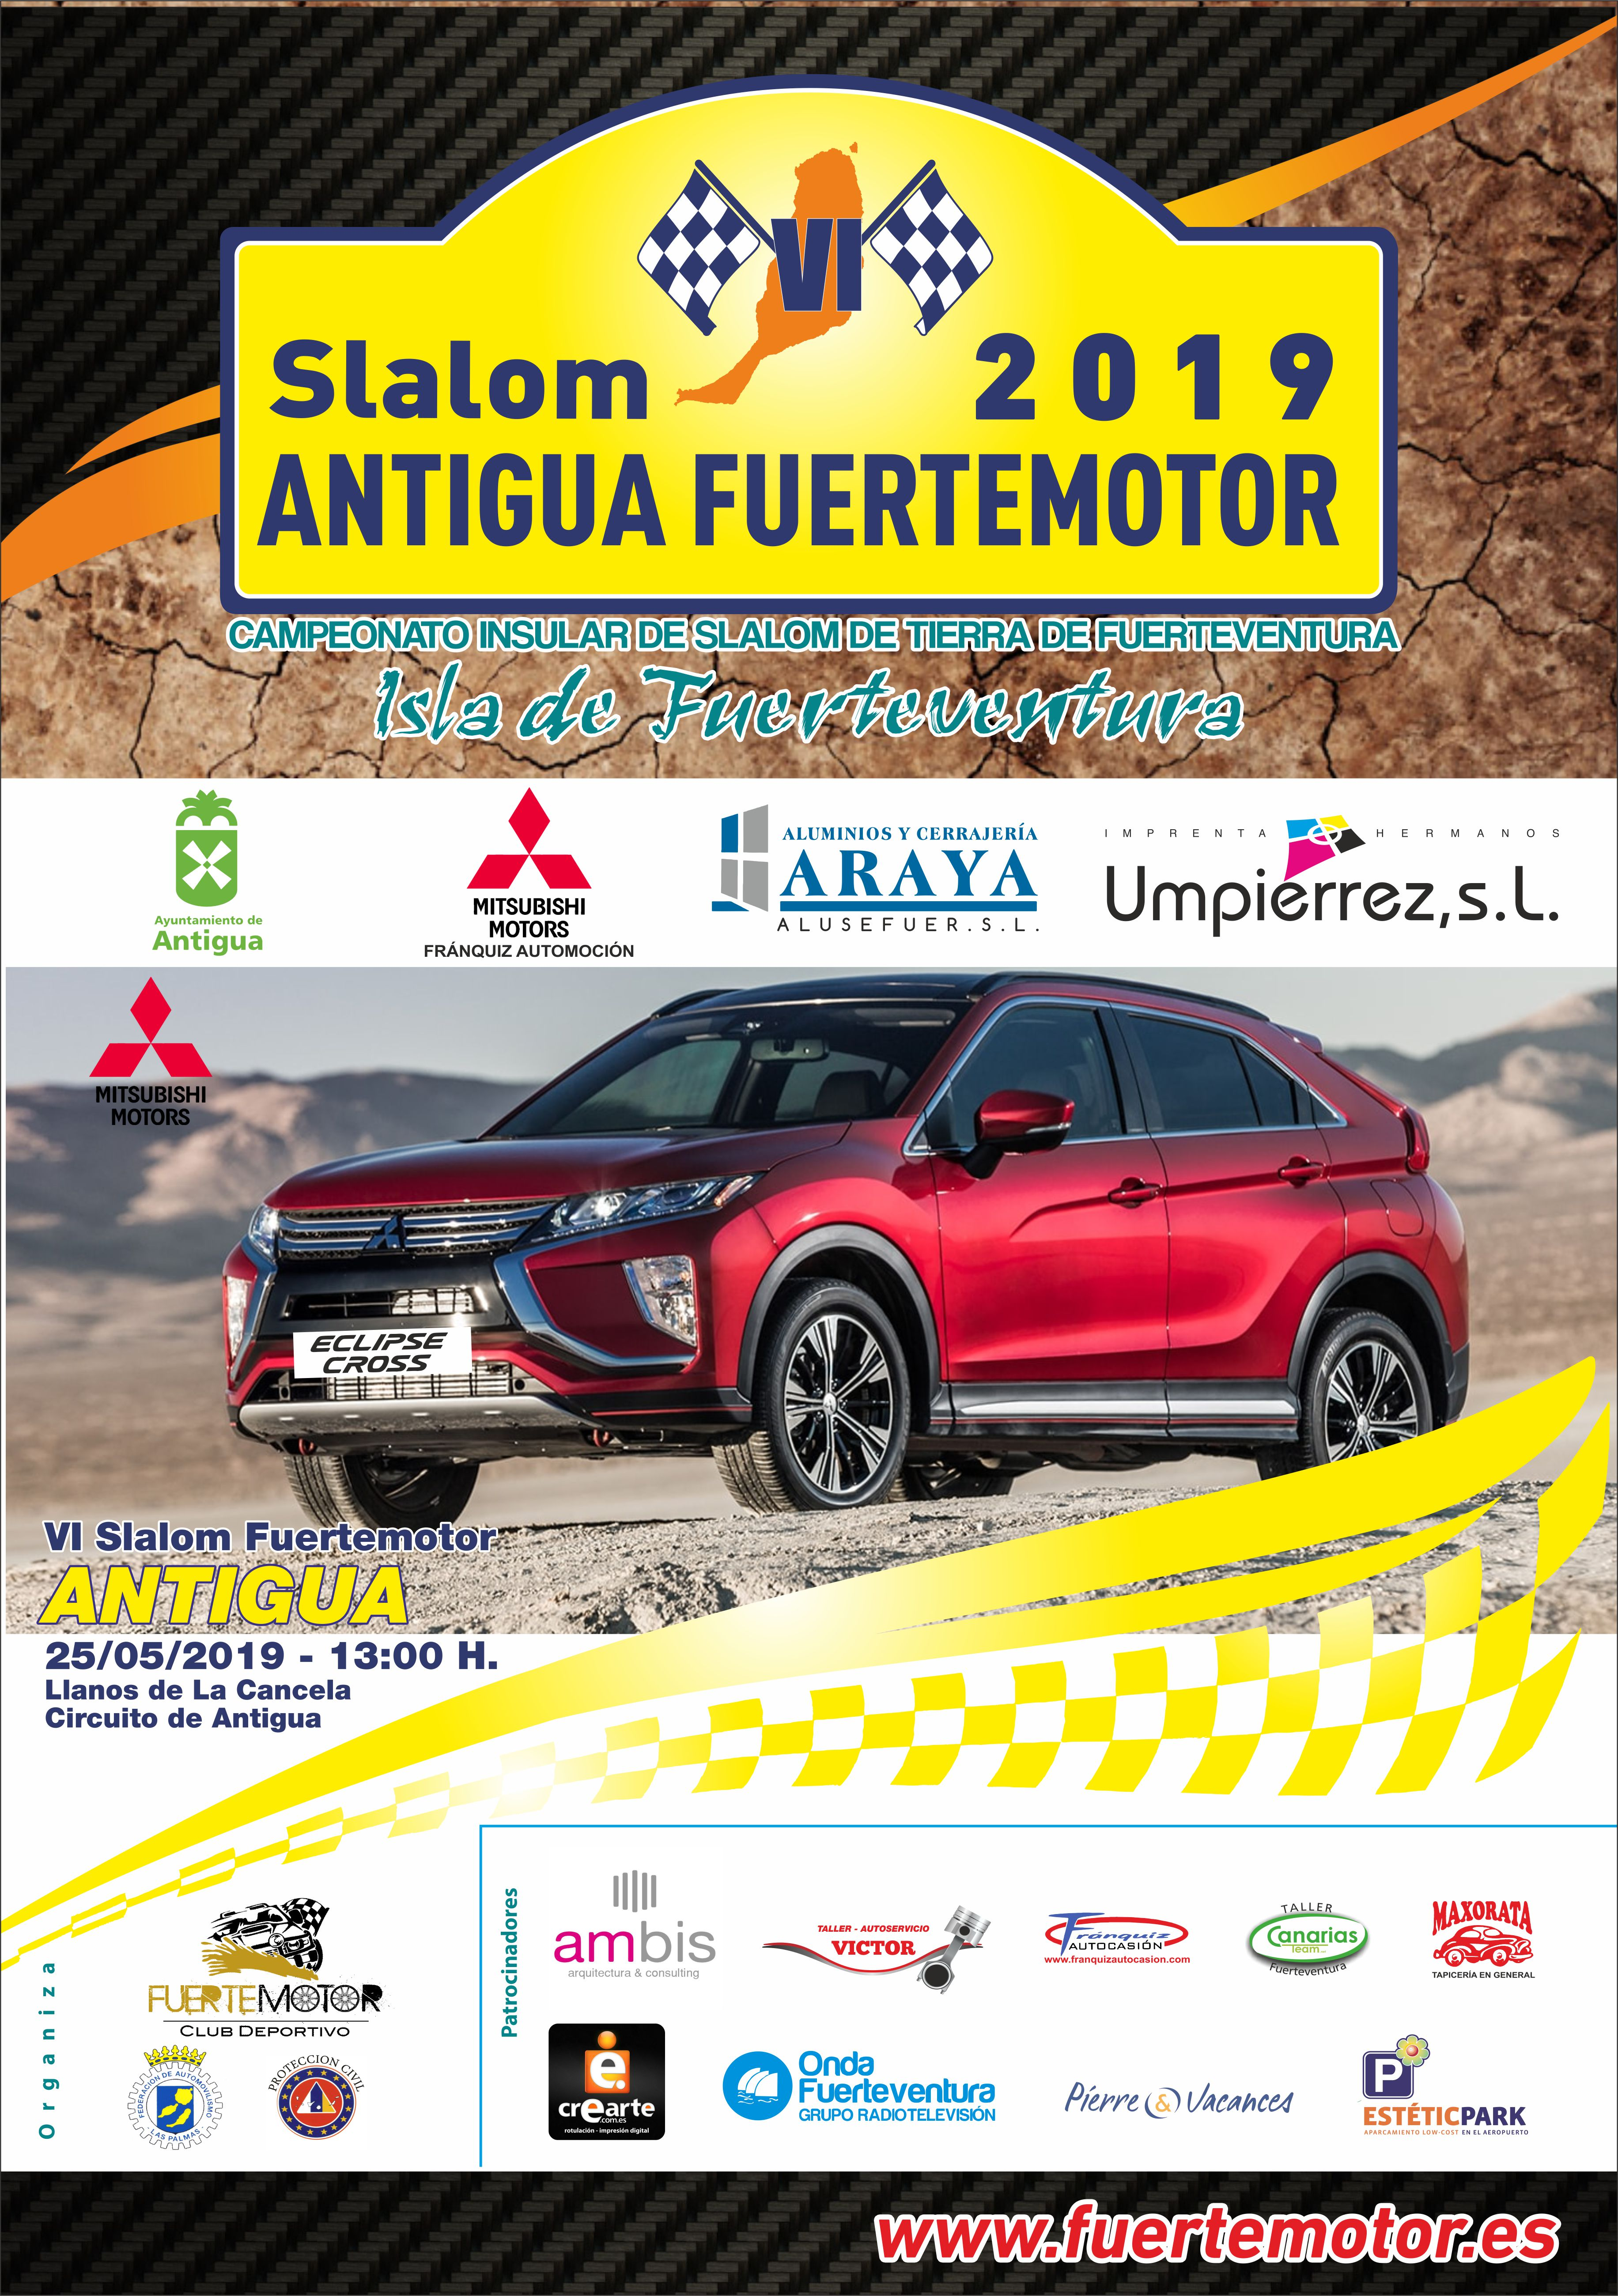 📢 El VI Slalom de Antigua del CD FuerteMotor finaliza su periodo de inscripciones, MAÑANA Sábado